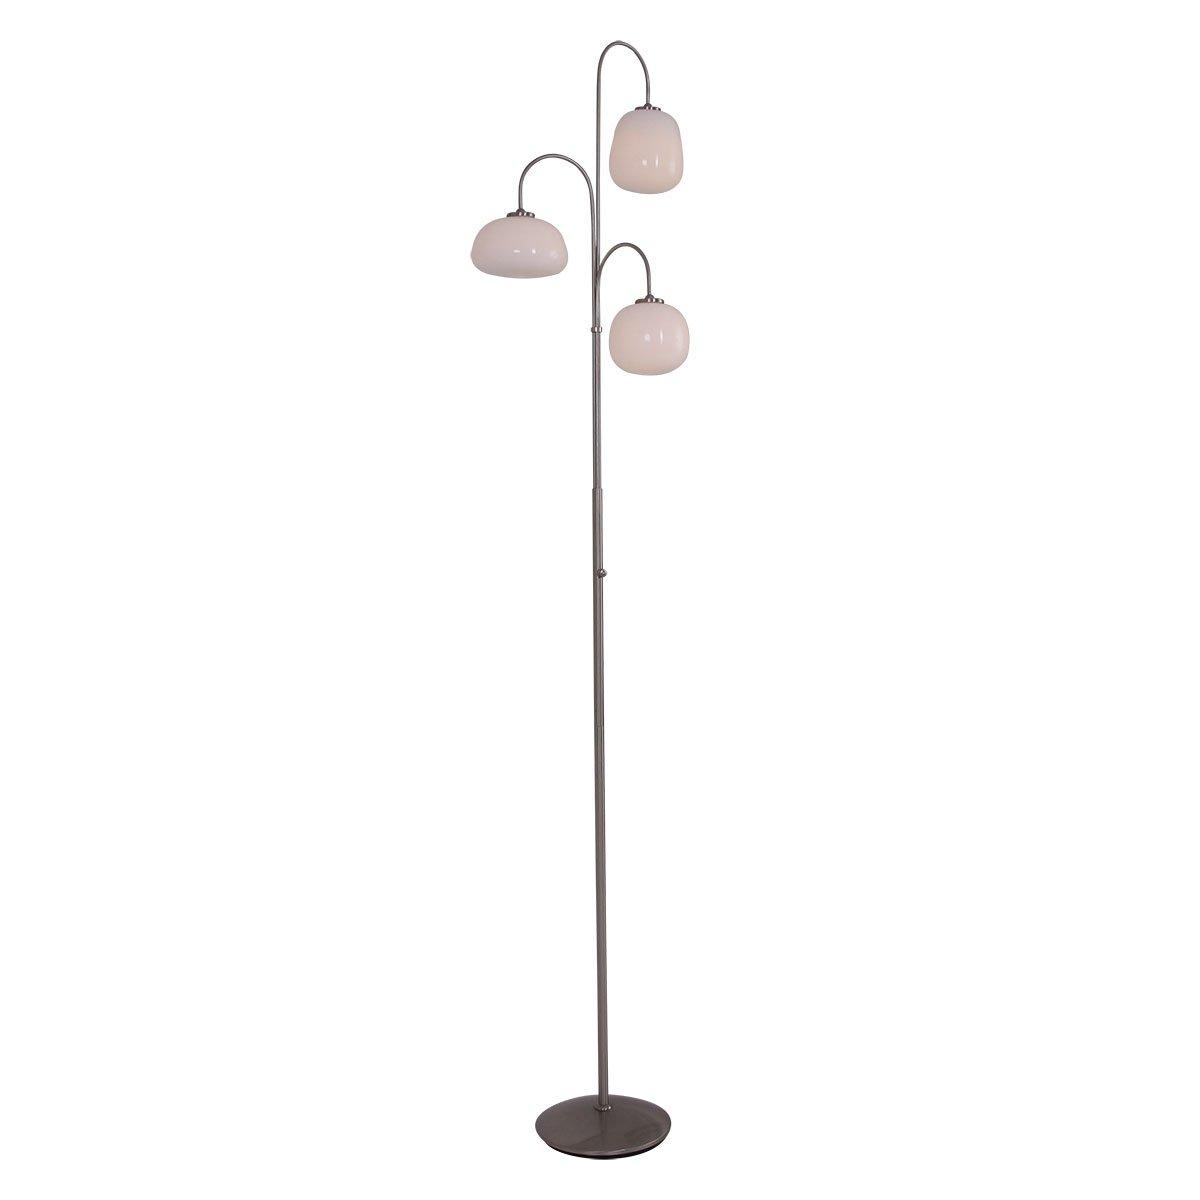 Steinhauer Design vloerlamp Bollique met led Steinhauer 1446ST